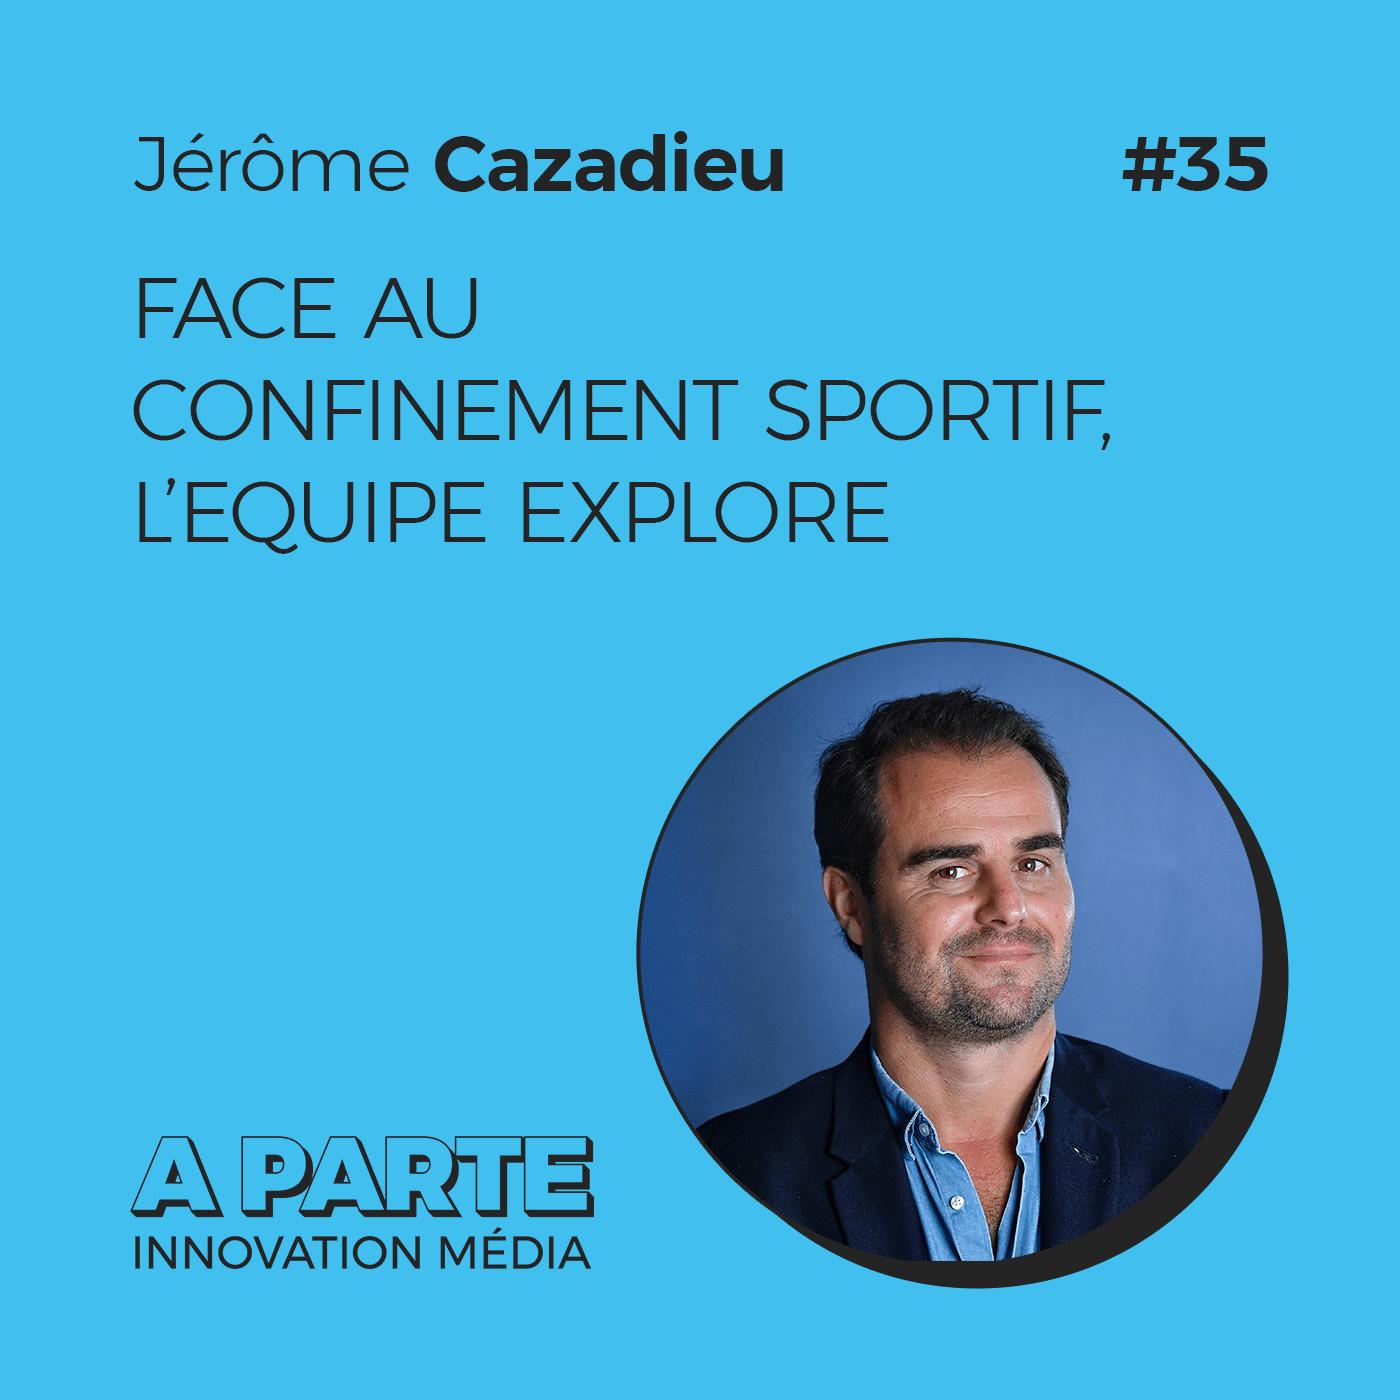 Face au confinement sportif, L'Equipe explore, avec Jérôme Cazadieu